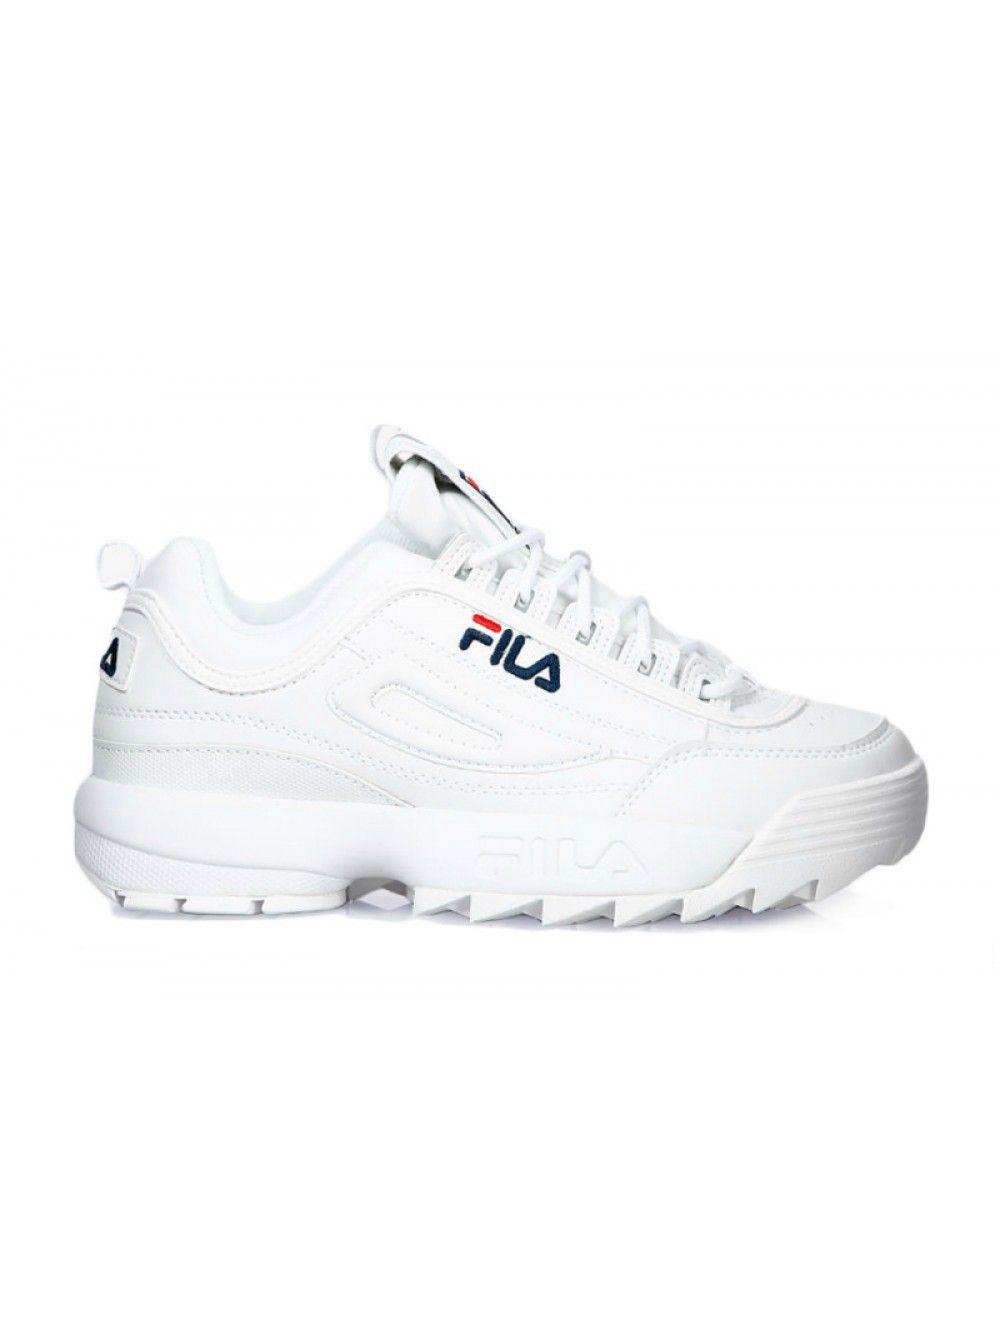 Кроссовки Fila Disruptor 2 белые (36 45) | Кроссовки, Белые